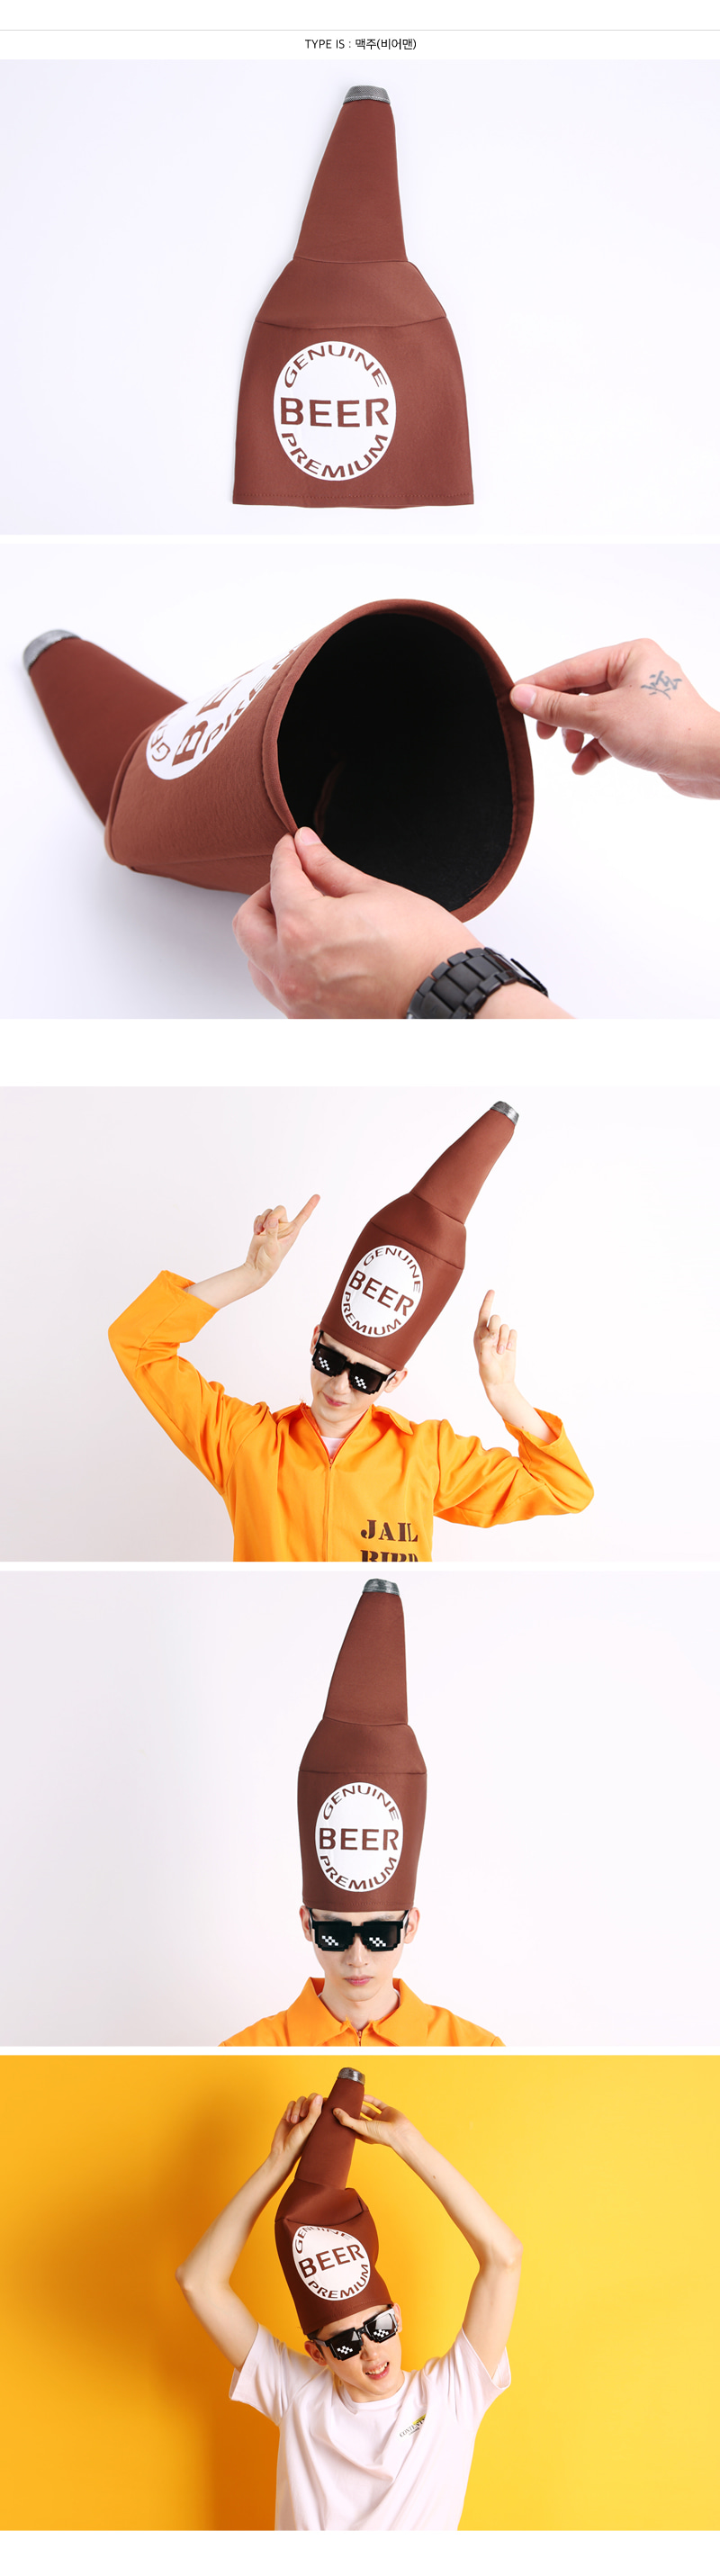 코믹 파티모자 - 맥주(비어맨) - 파티해, 10,200원, 파티의상/잡화, 모자/고깔